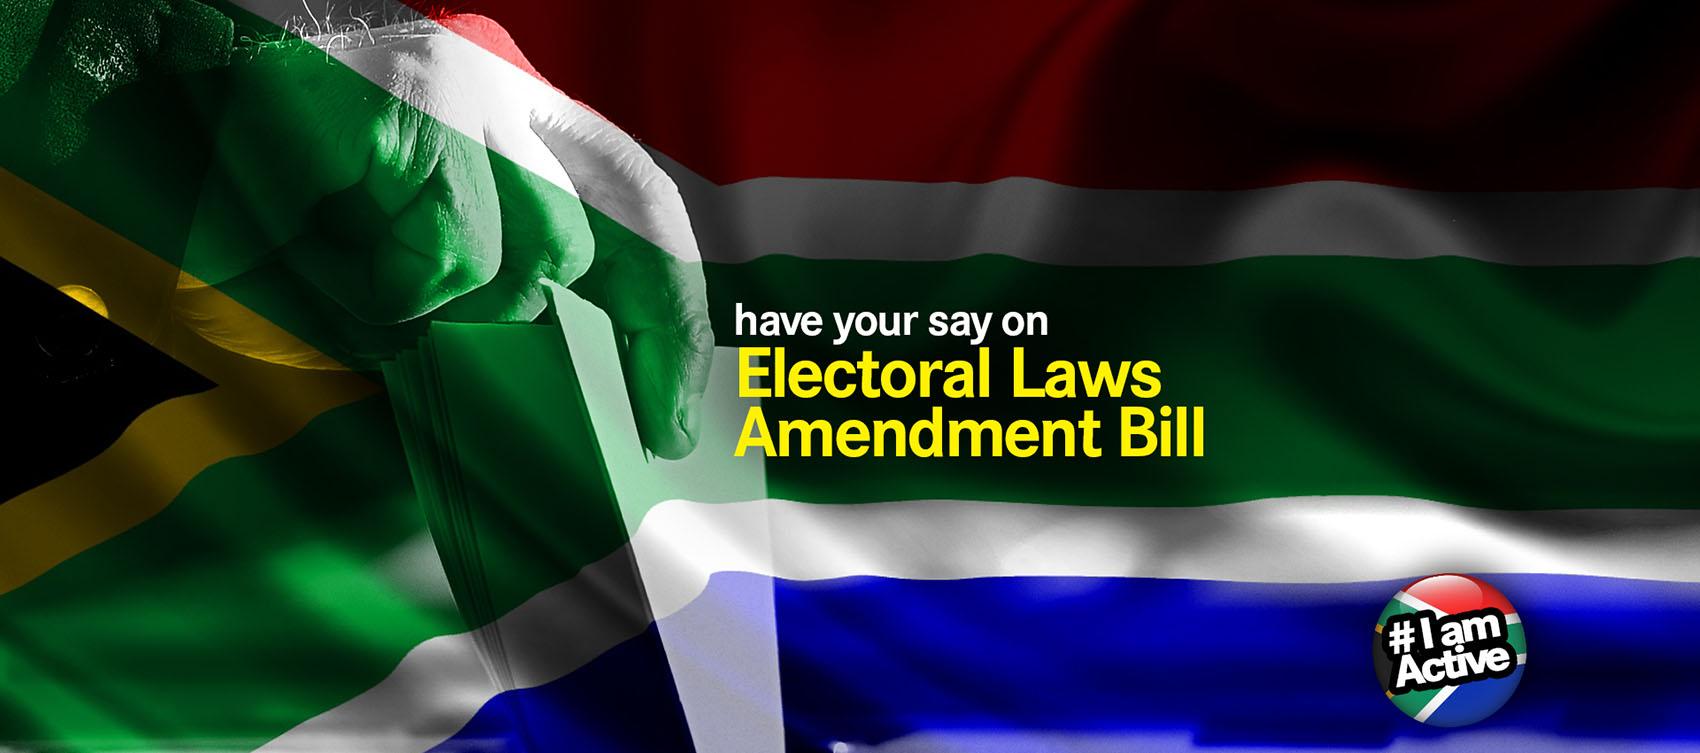 DearSA-electoral-reform